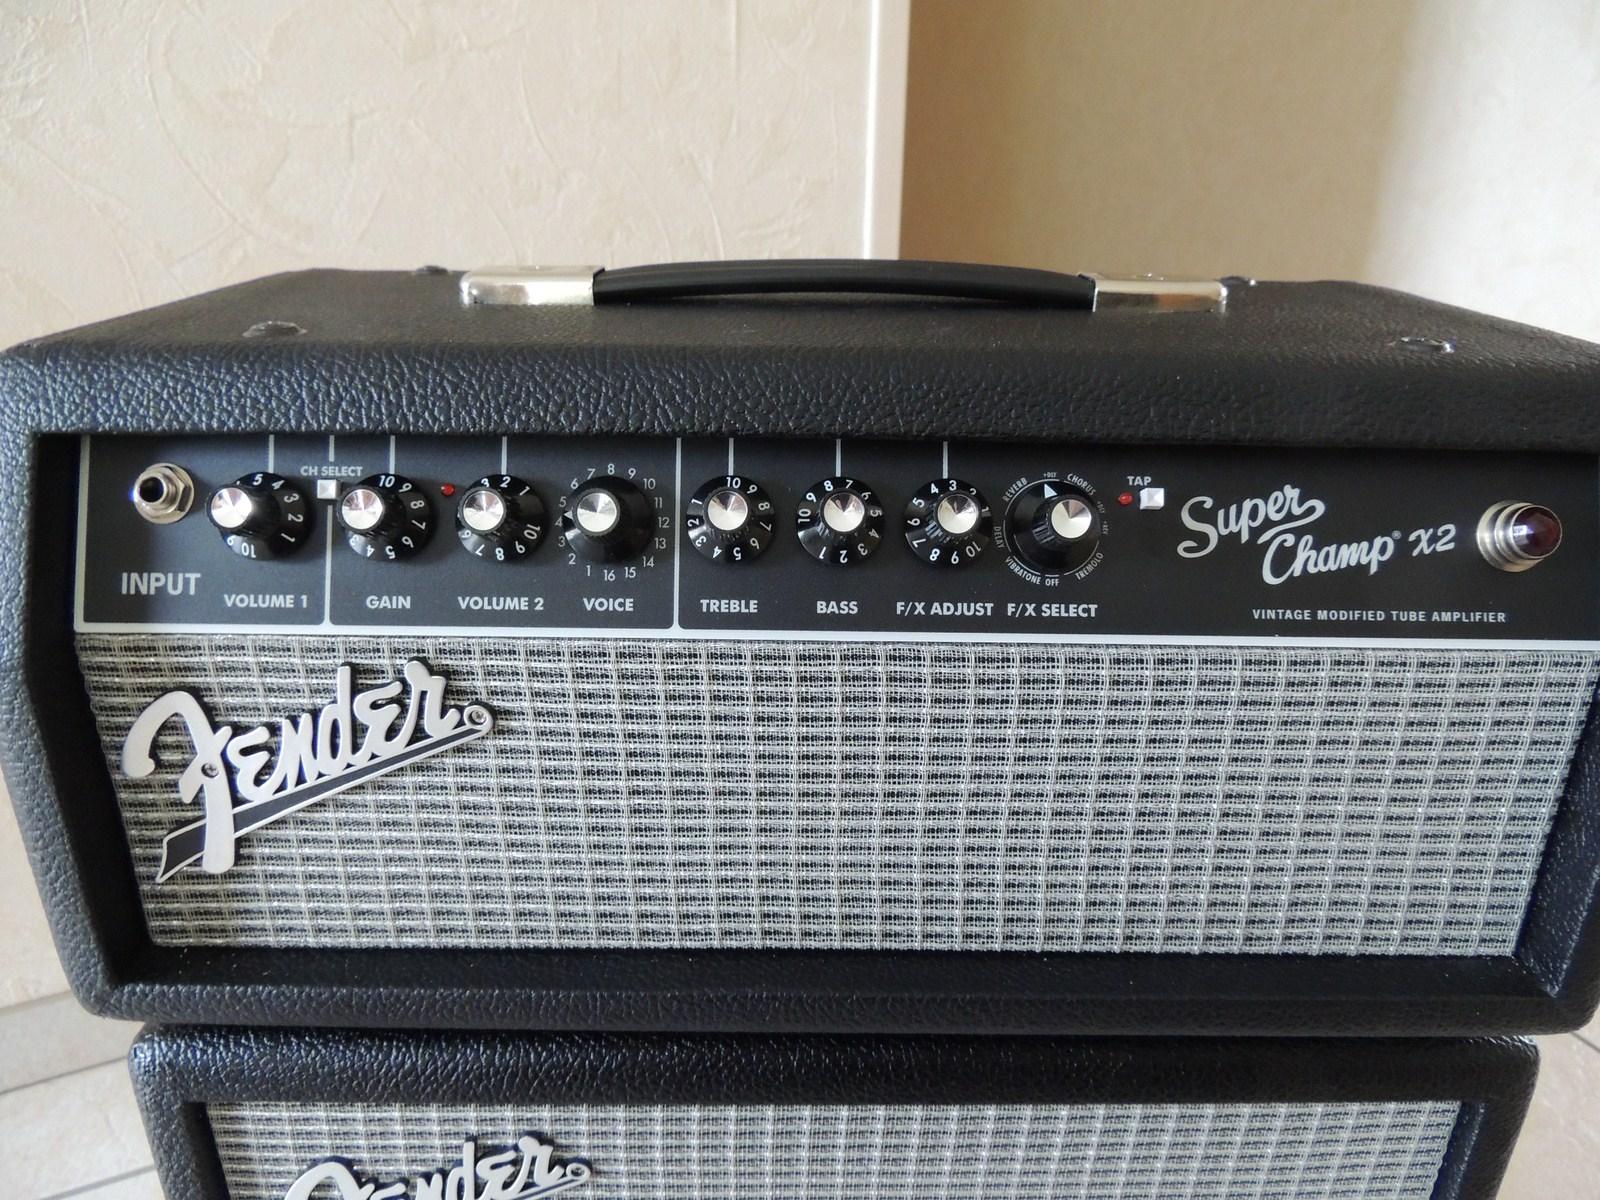 Fender Super Champ X2 Head Review : fender super champ x2 head image 535843 audiofanzine ~ Russianpoet.info Haus und Dekorationen